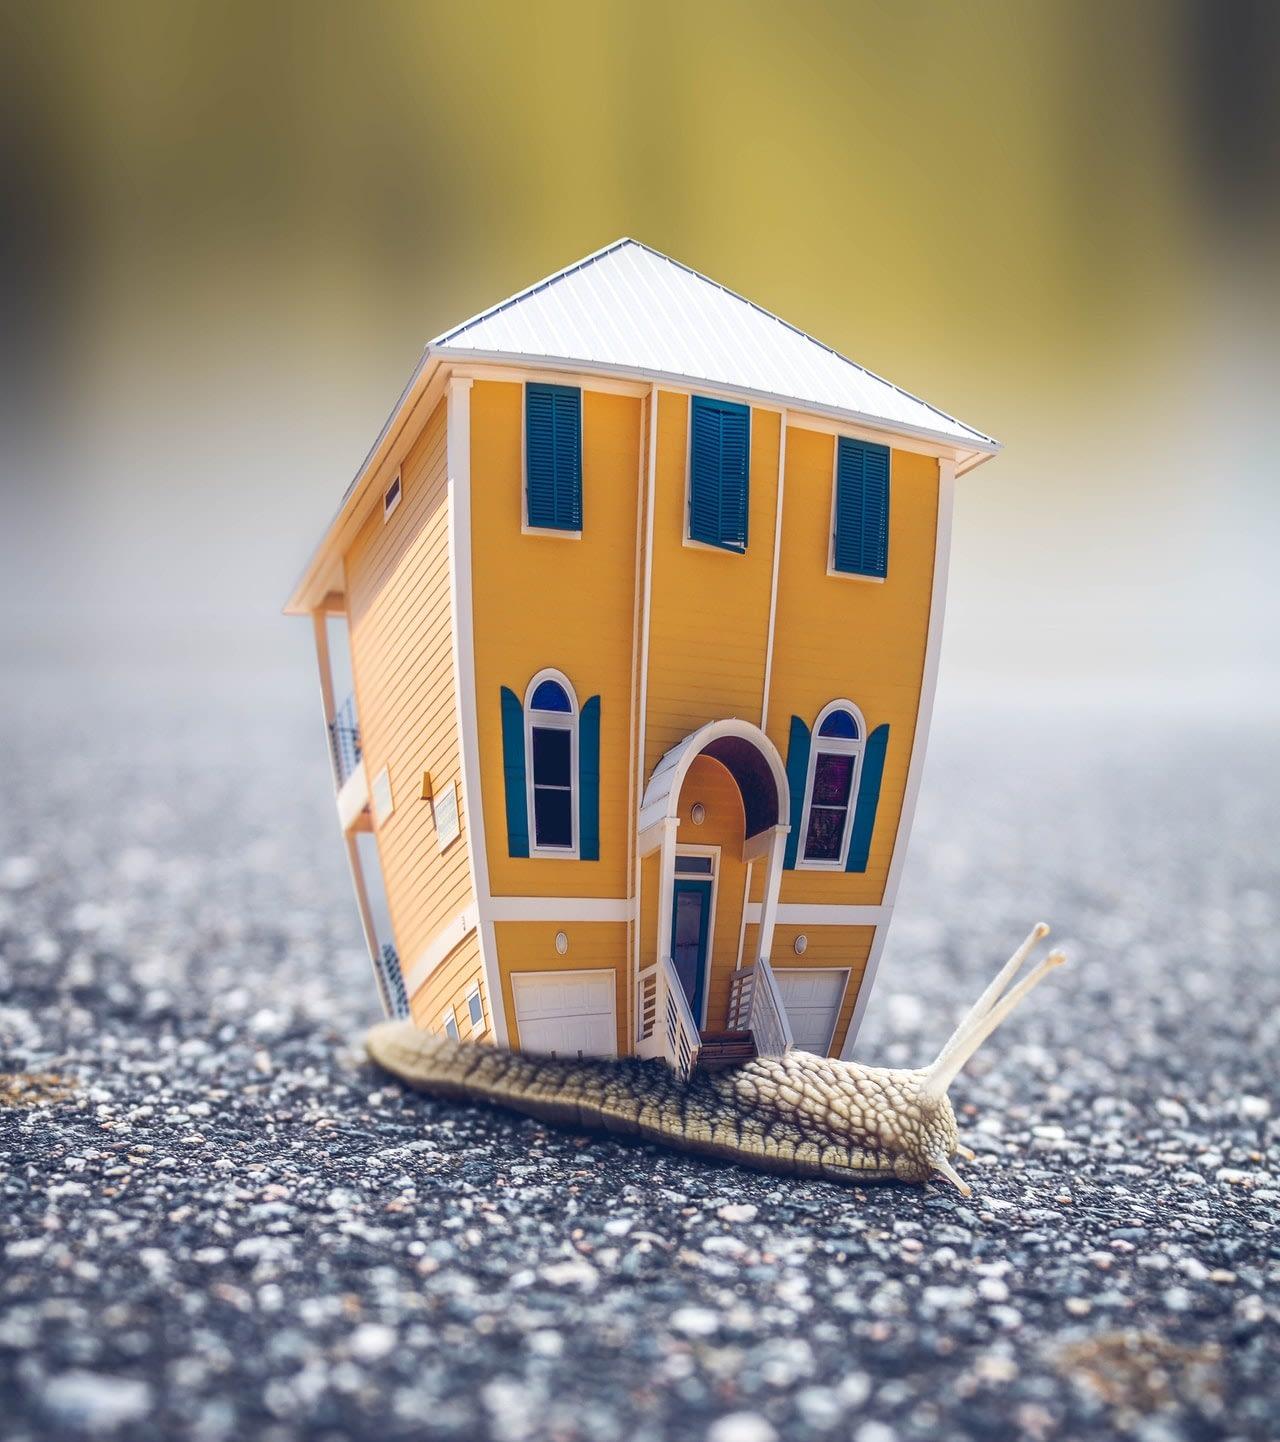 a house miniature on a slug